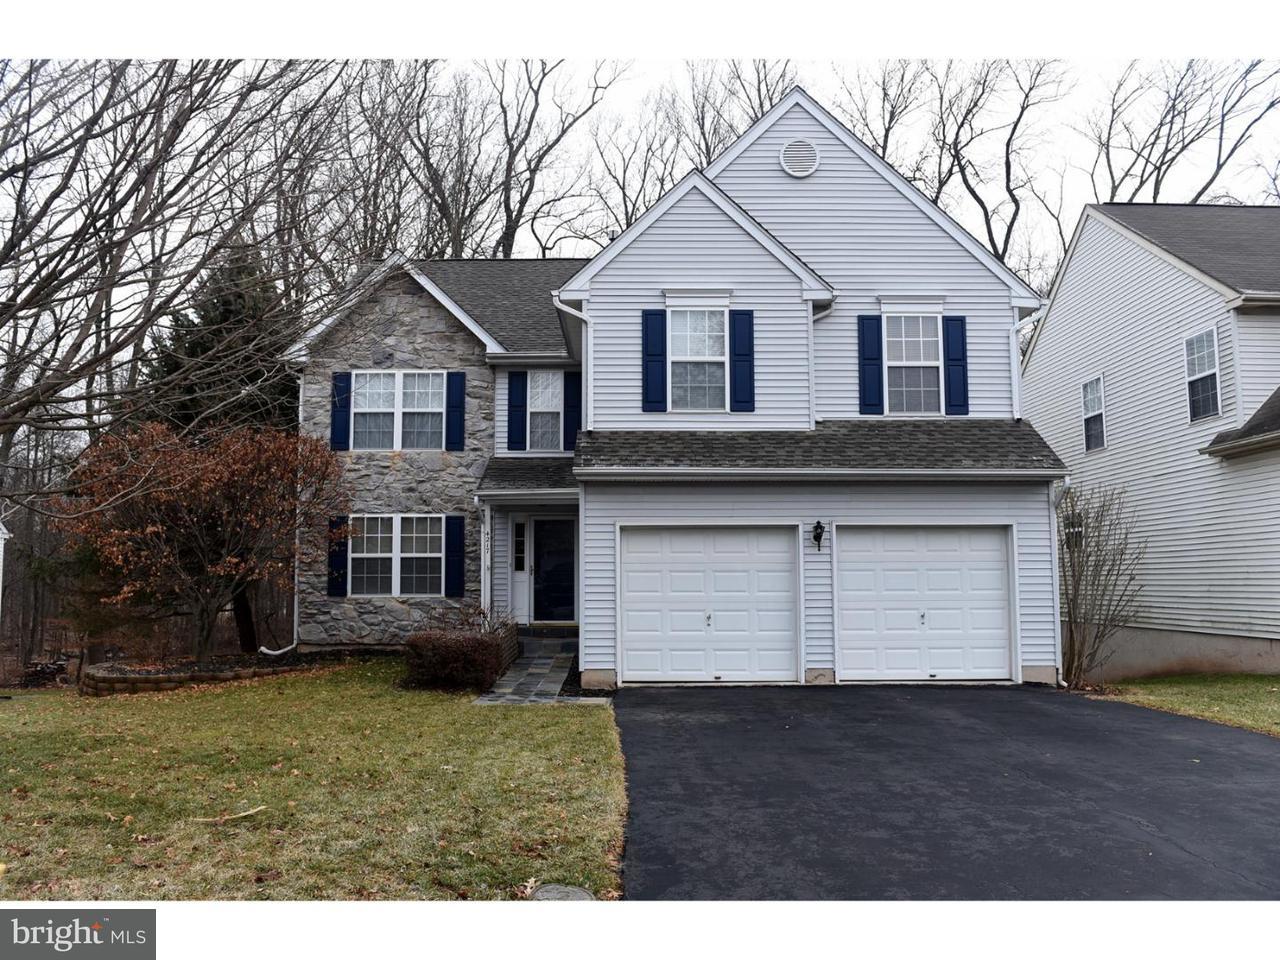 Частный односемейный дом для того Аренда на 4217 MILADIES Lane Doylestown, Пенсильвания 18902 Соединенные Штаты